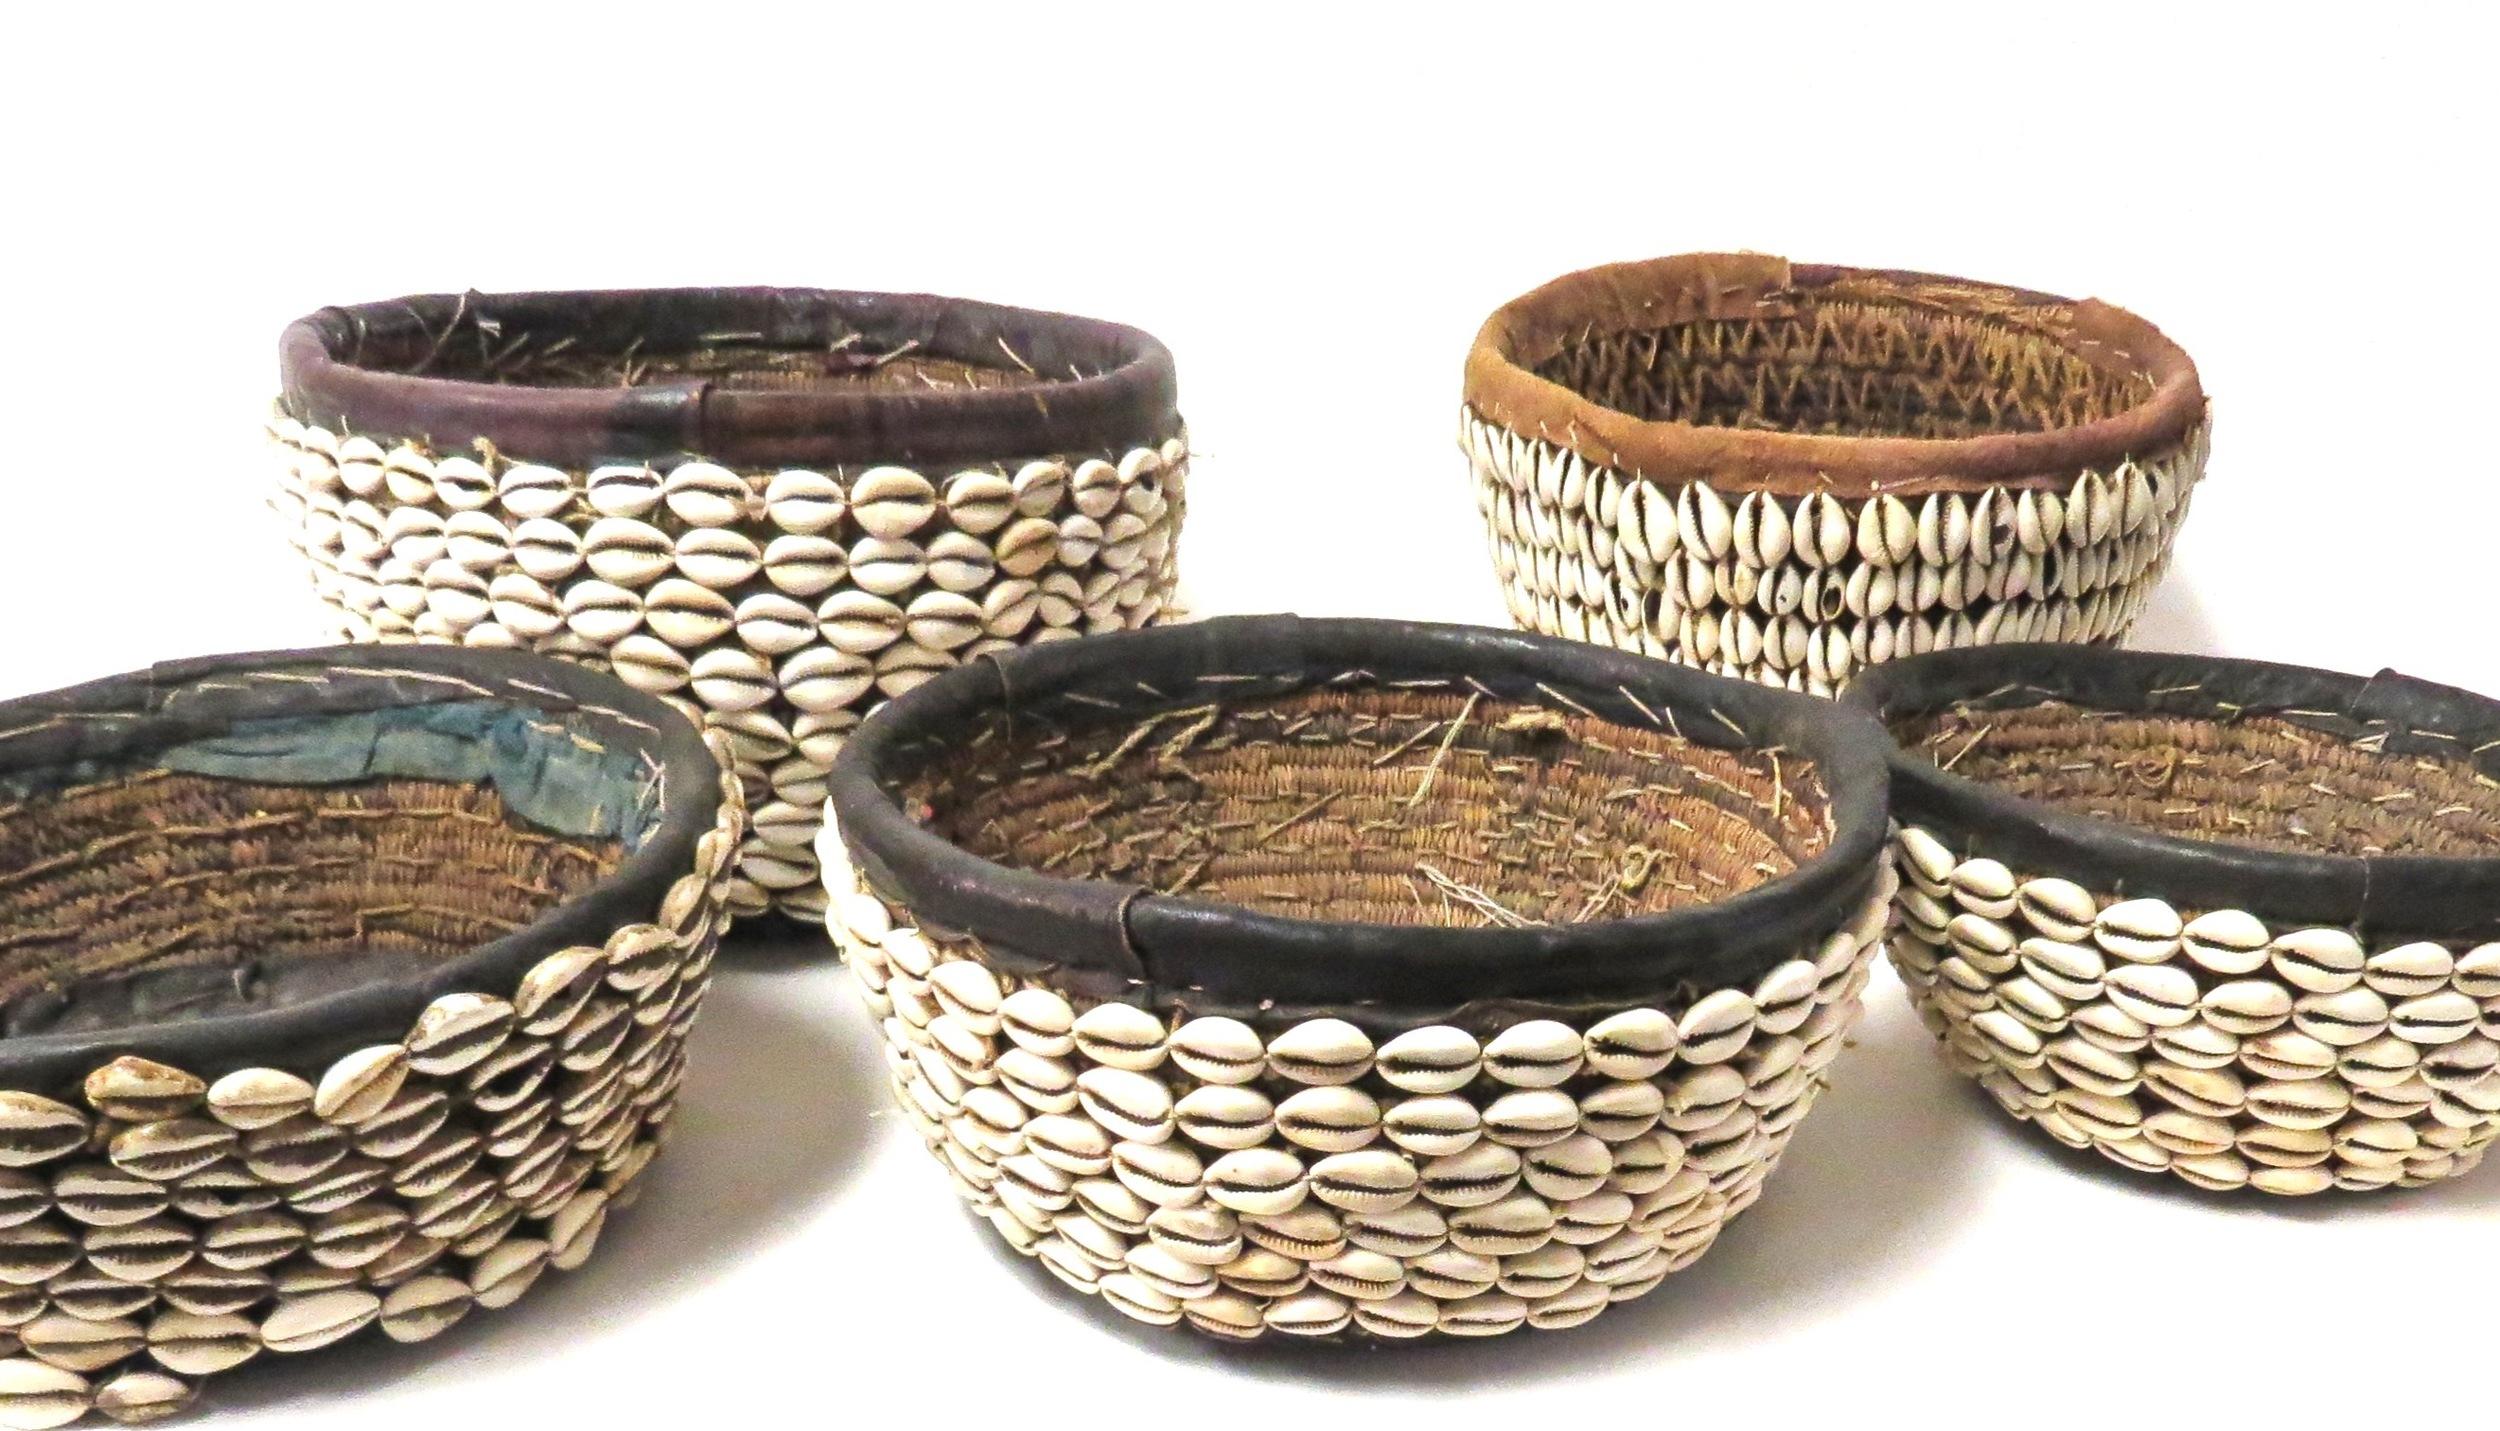 Shell/Leather Basket, Nigeria  AF021M  10dx4-6h  AF021ML  11.5dx7h